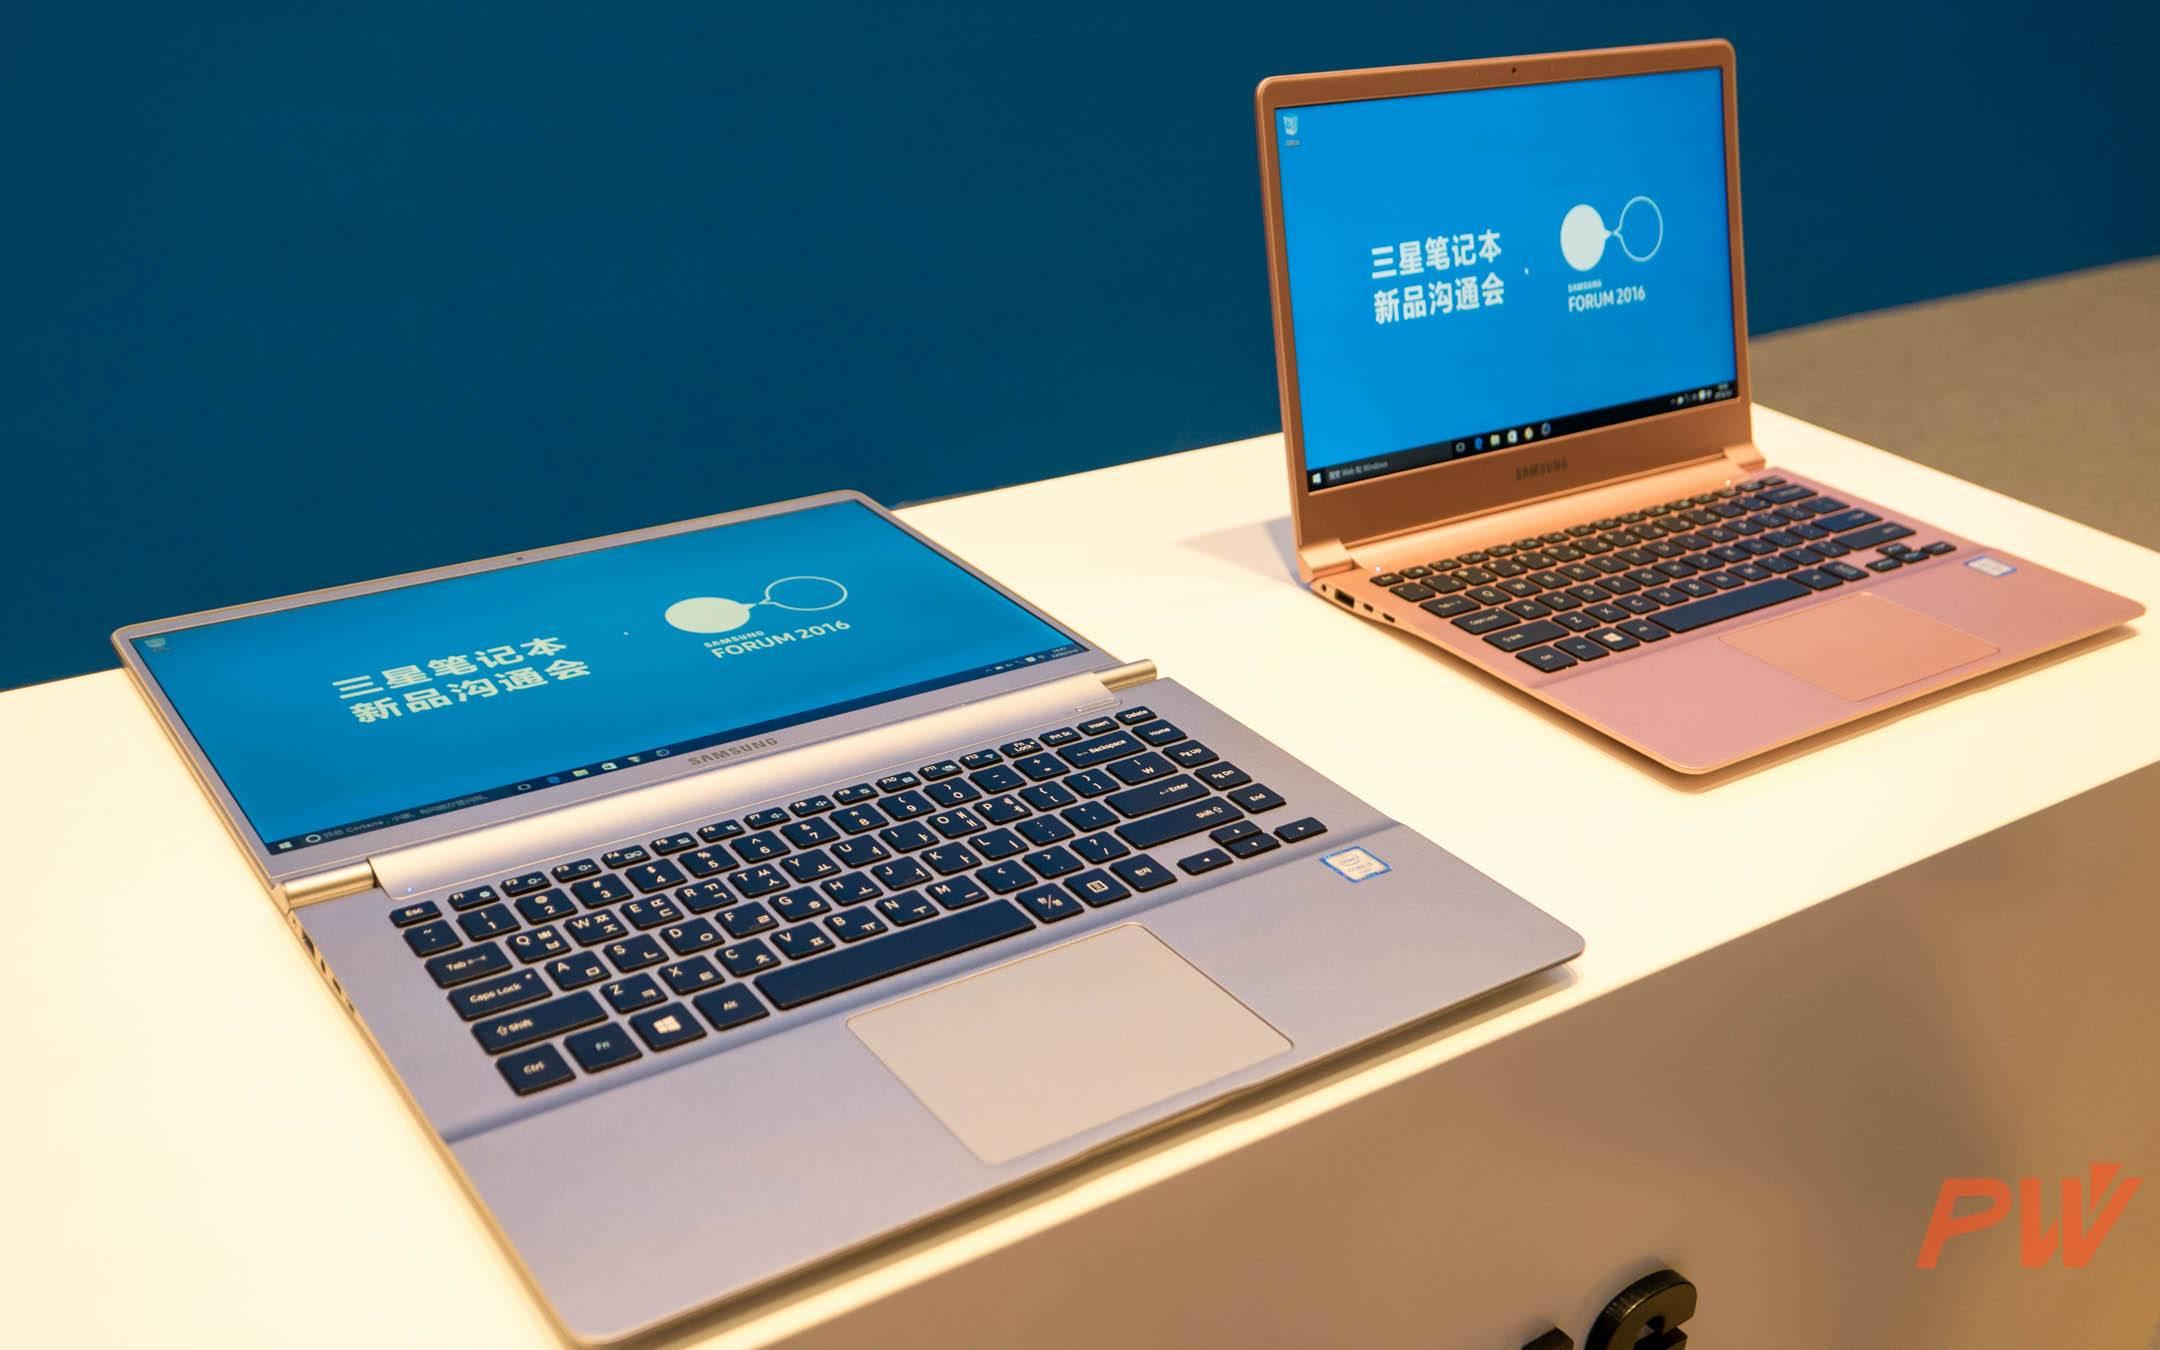 三星刚发布的四款 PC,把市面上的同类产品都给得罪了